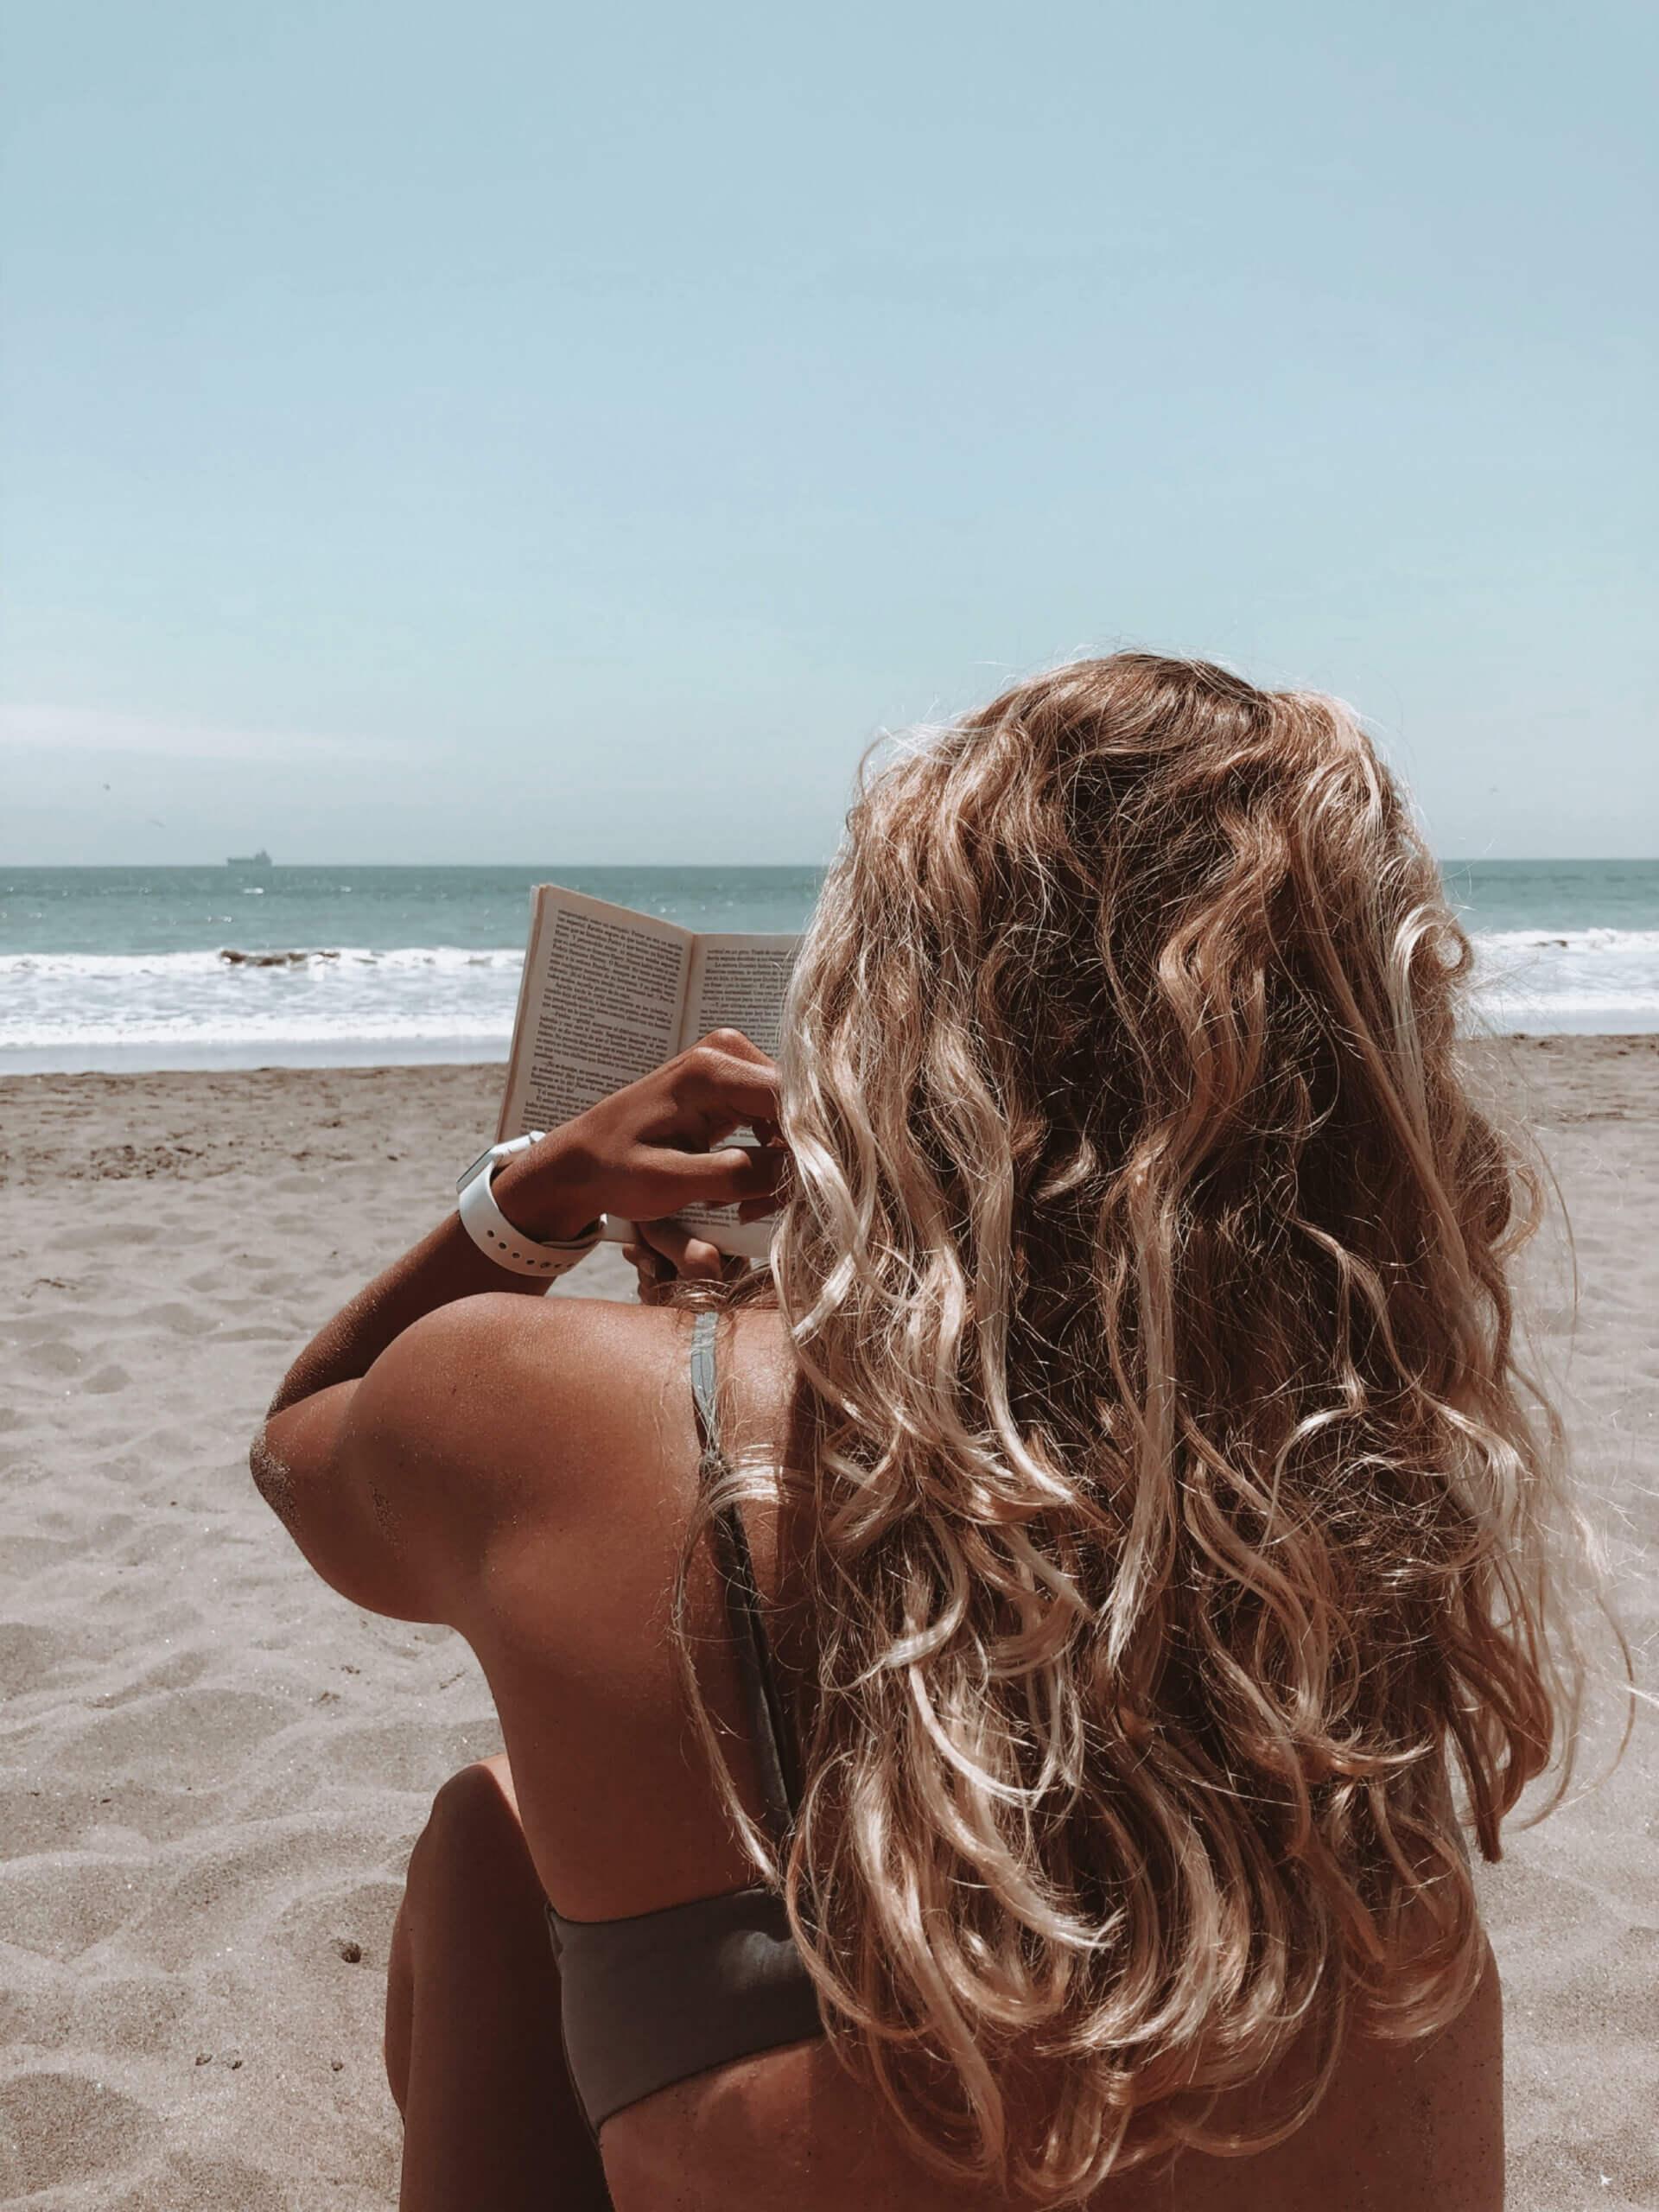 beach hair by pierot